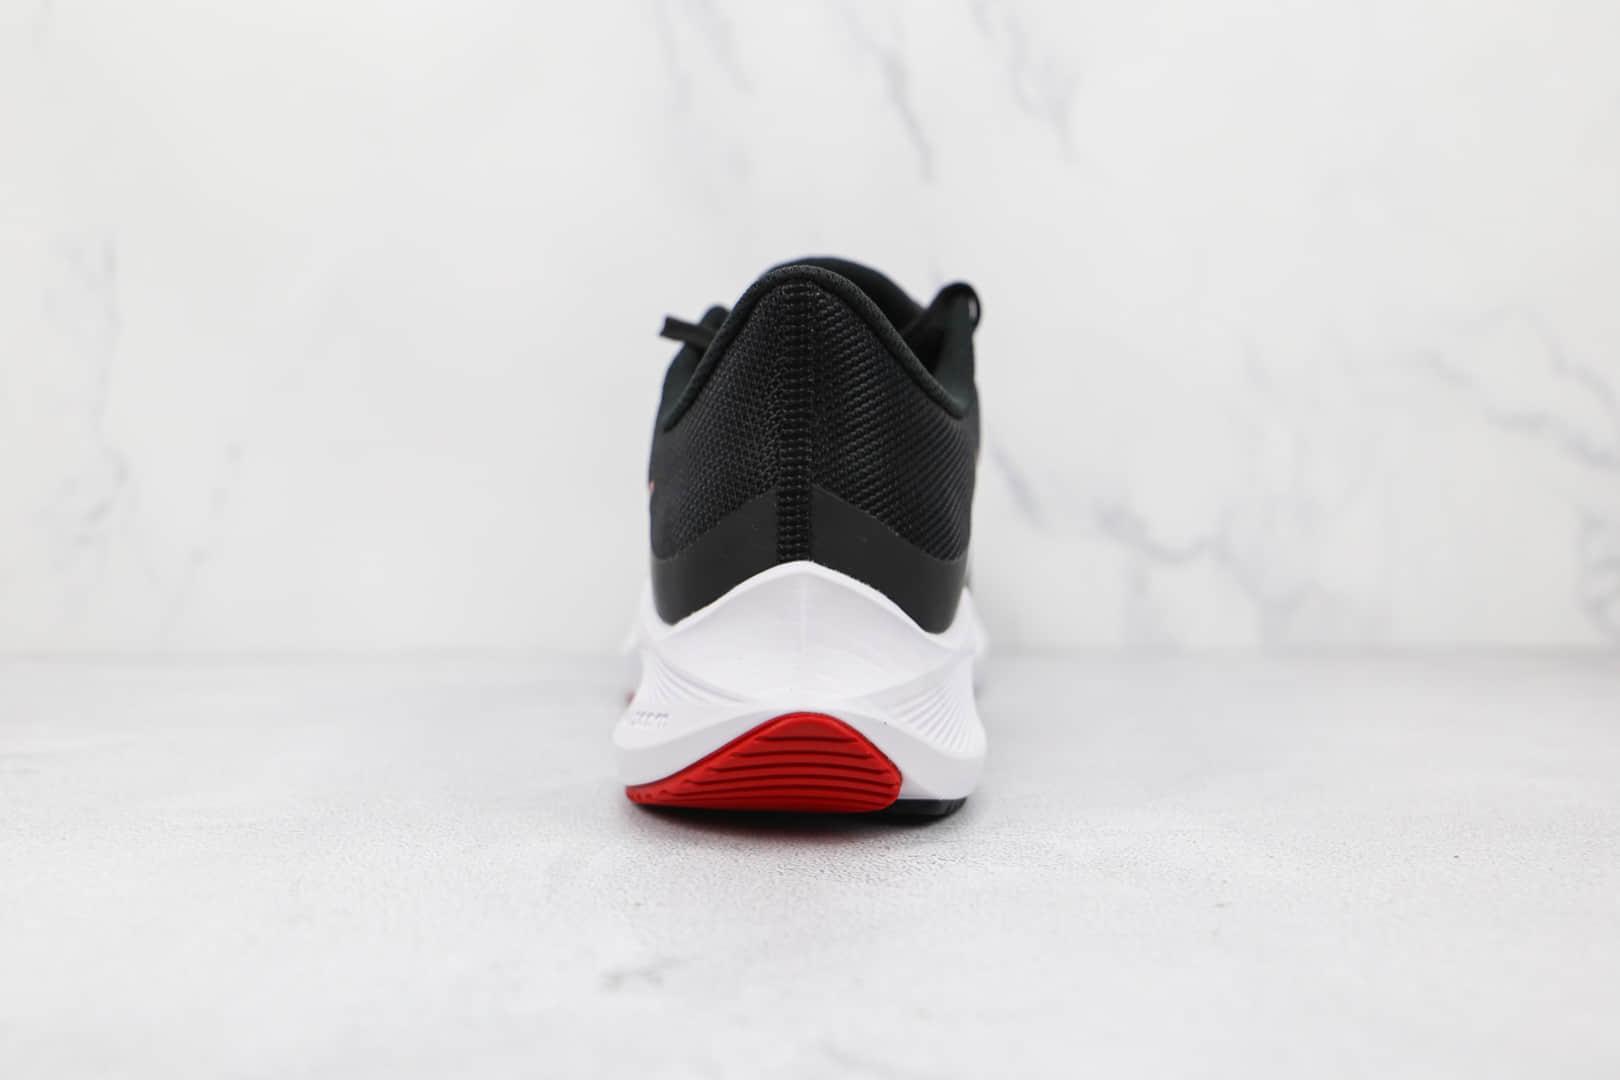 耐克Nike Winflo 8纯原版本温弗罗八代黑红色线条慢跑鞋原楦头纸板打造 货号:CW3419-003